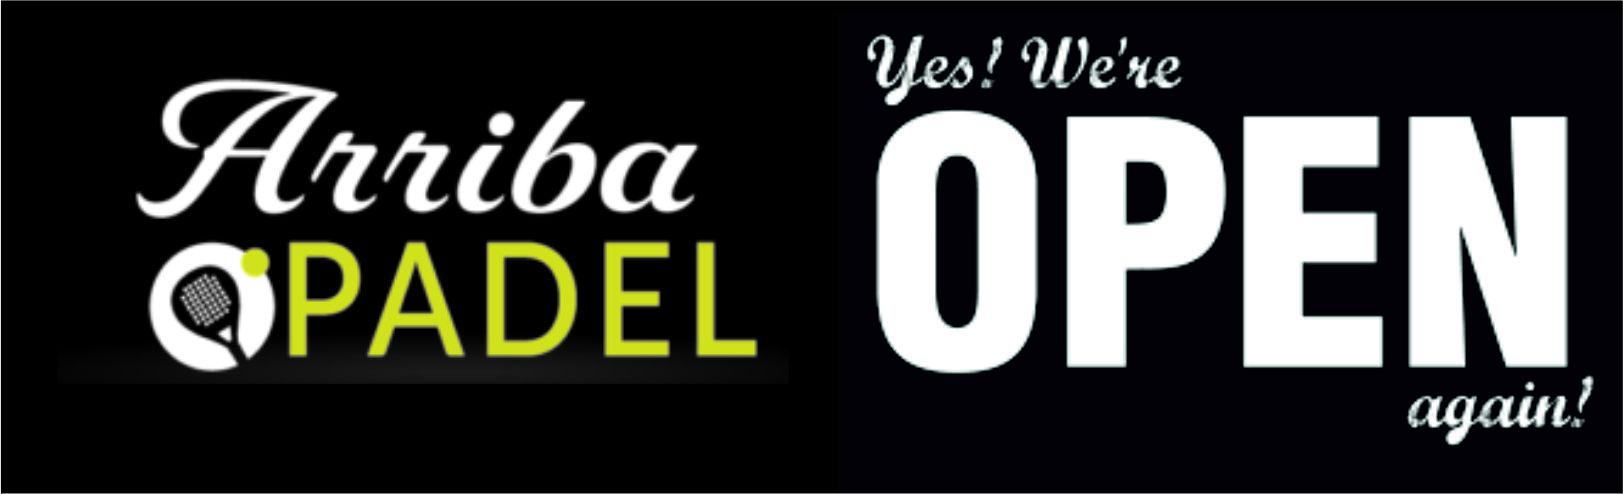 Arriba-padel back open